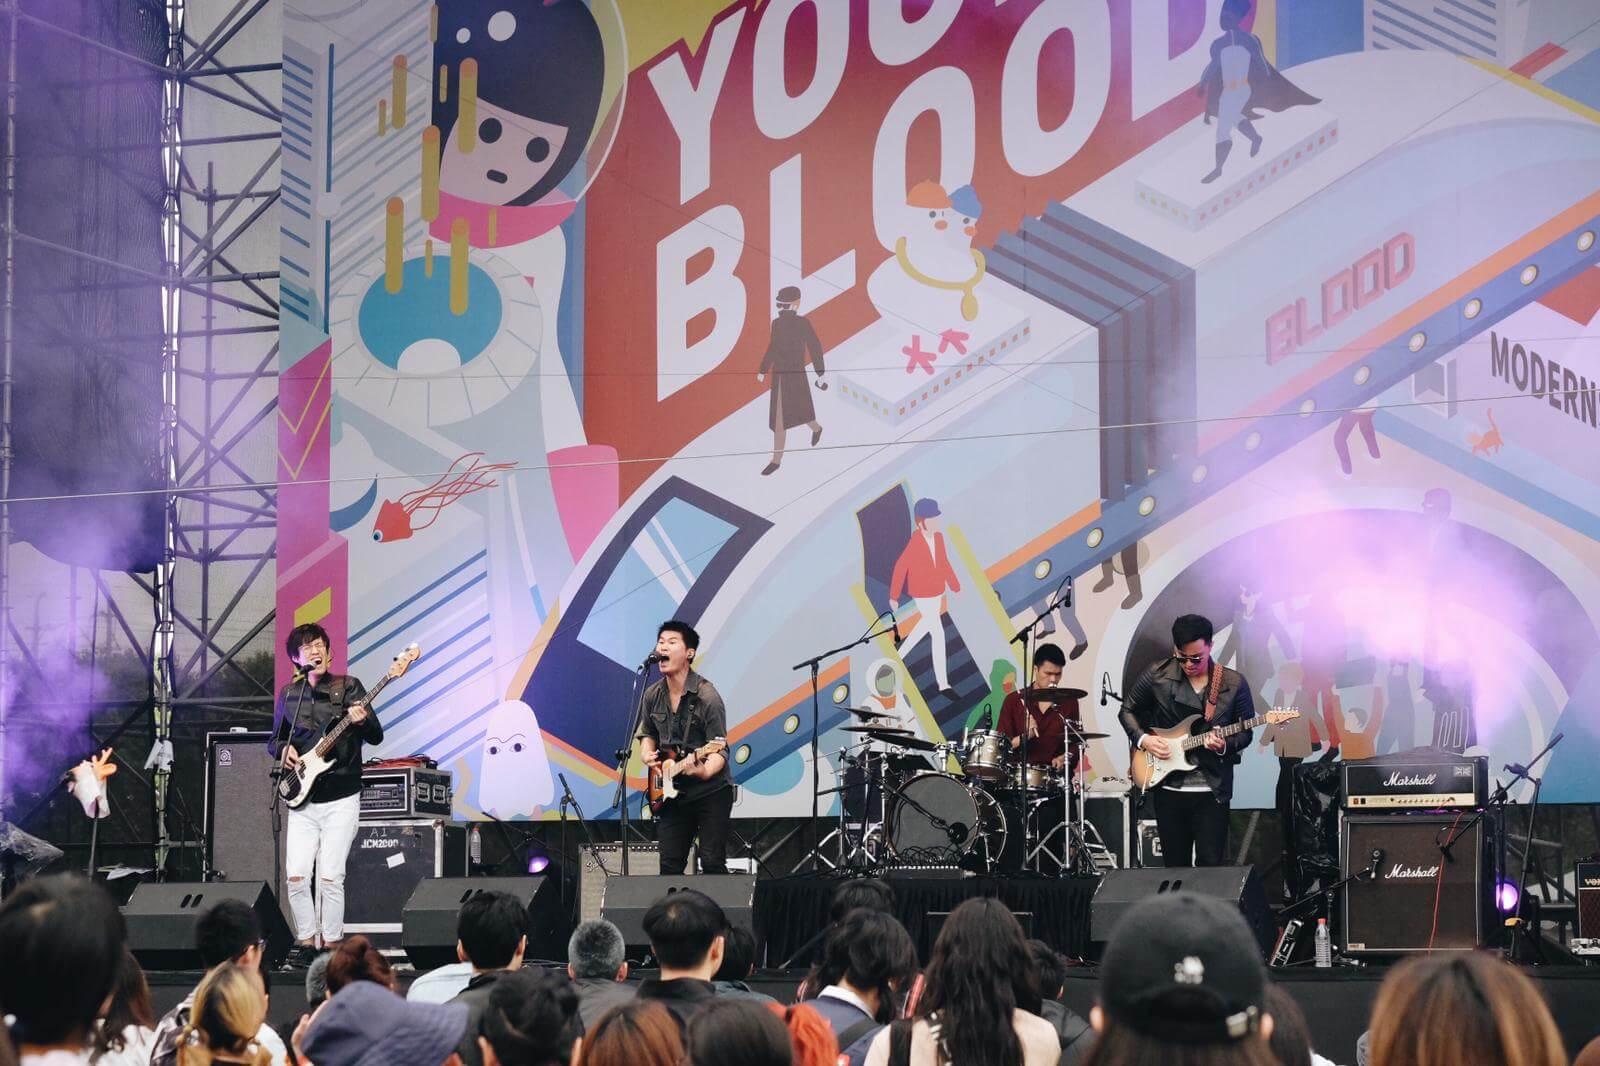 本地樂隊無稽子彈(Mocking Bullet)今年在上海的《草莓音樂節》中演出。